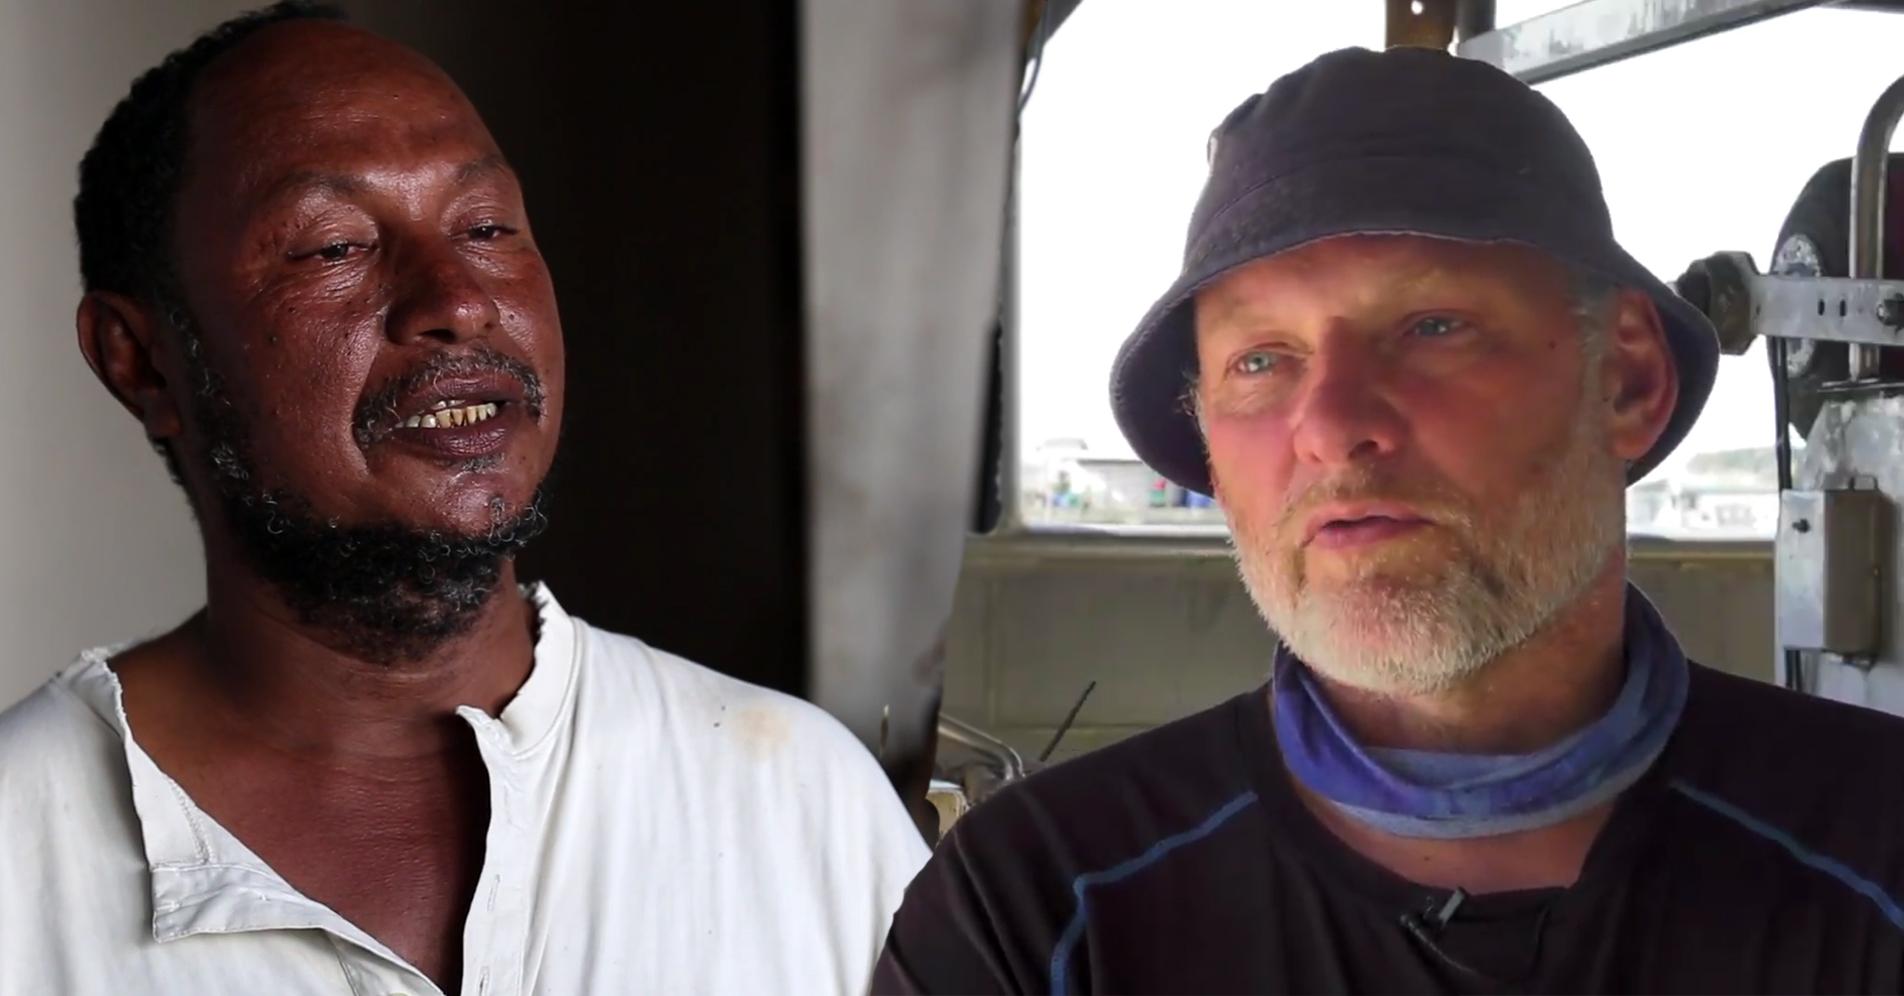 """Nyt undervisningsmateriale og dokumentar sætter fokus på overfiskning og lokale fiskeres udfordringer i både Danmark og Kenya. Foto: Billeder taget fra dokumentarfilmen """"Kystfiskerne og kampen om fisken"""""""